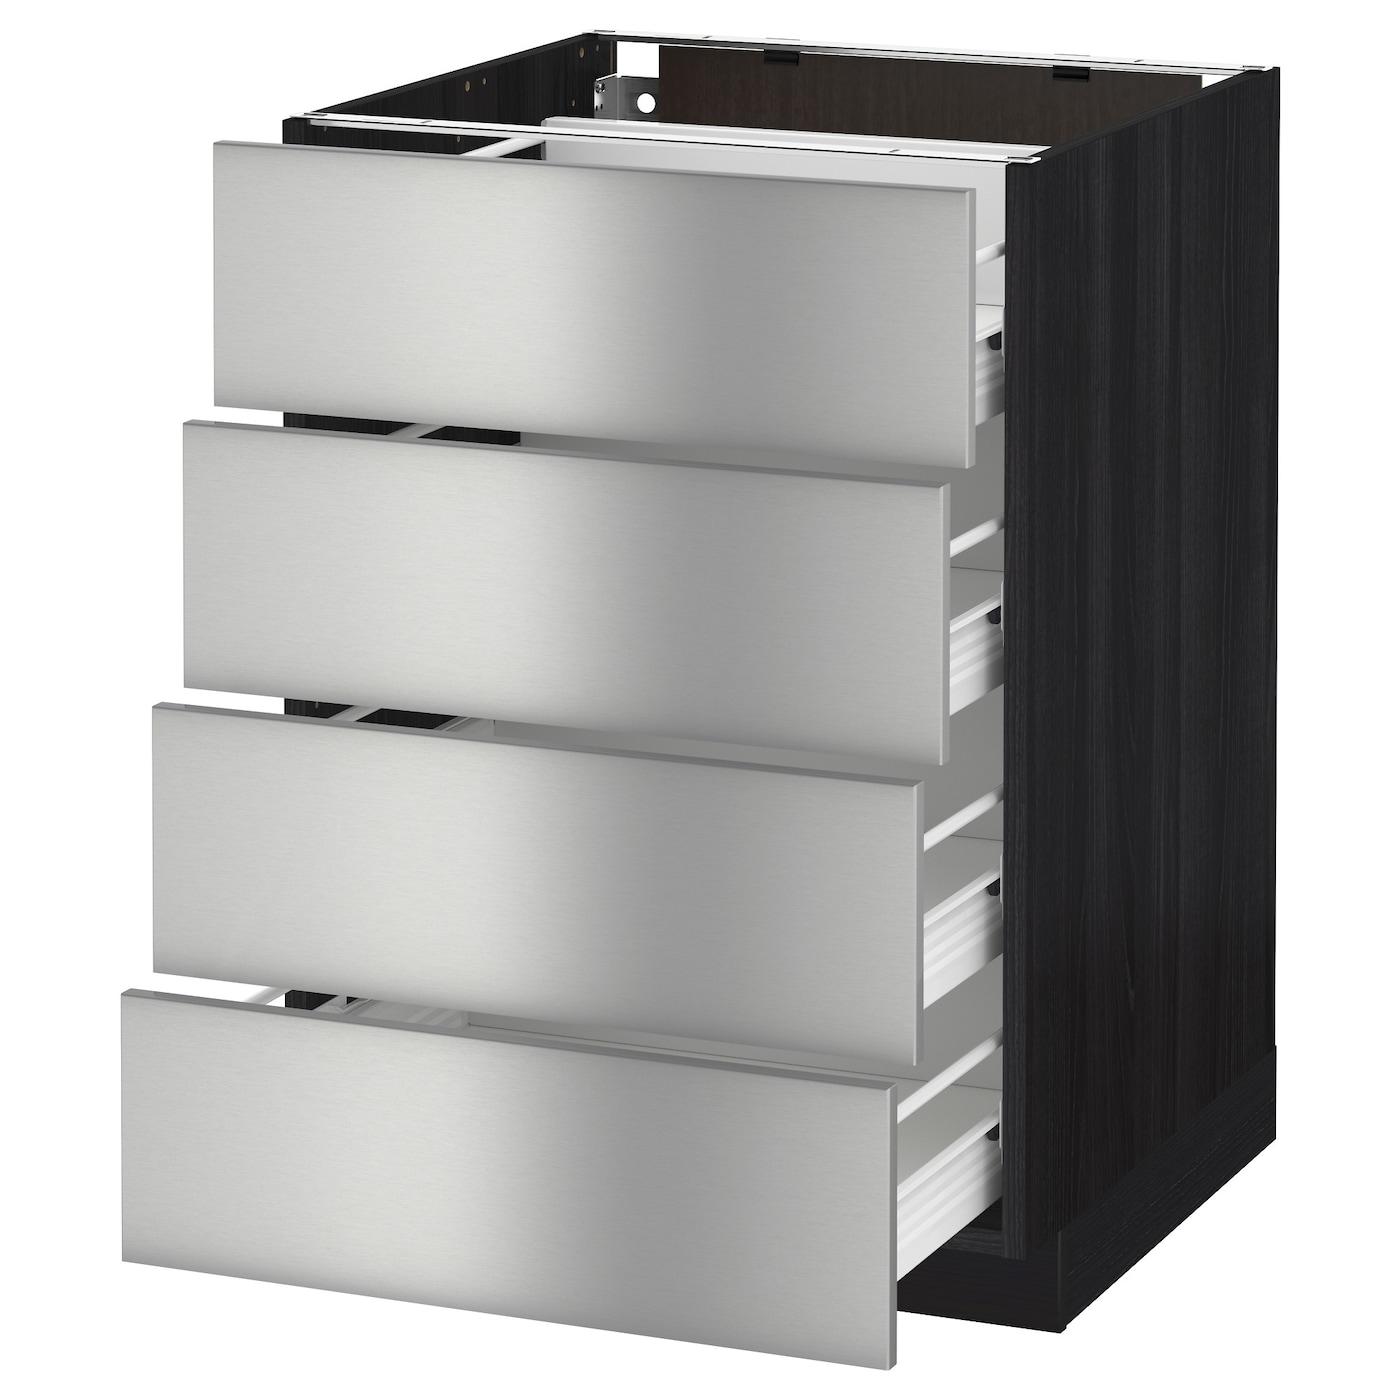 Meubles de cuisine en kit, Placards & Armoires de cuisine - IKEA